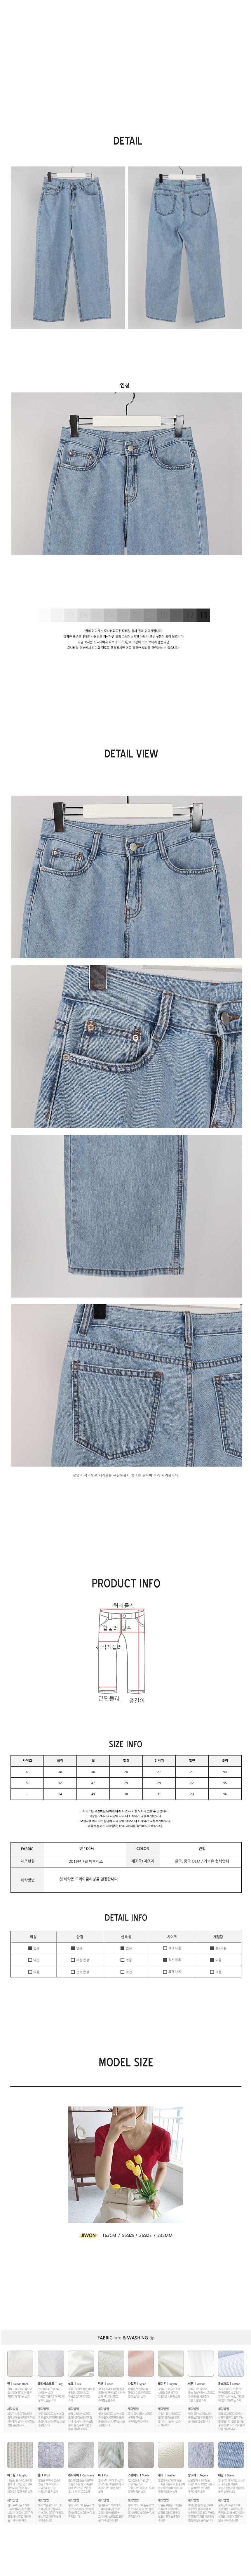 Dyson wide-fit denim jeans